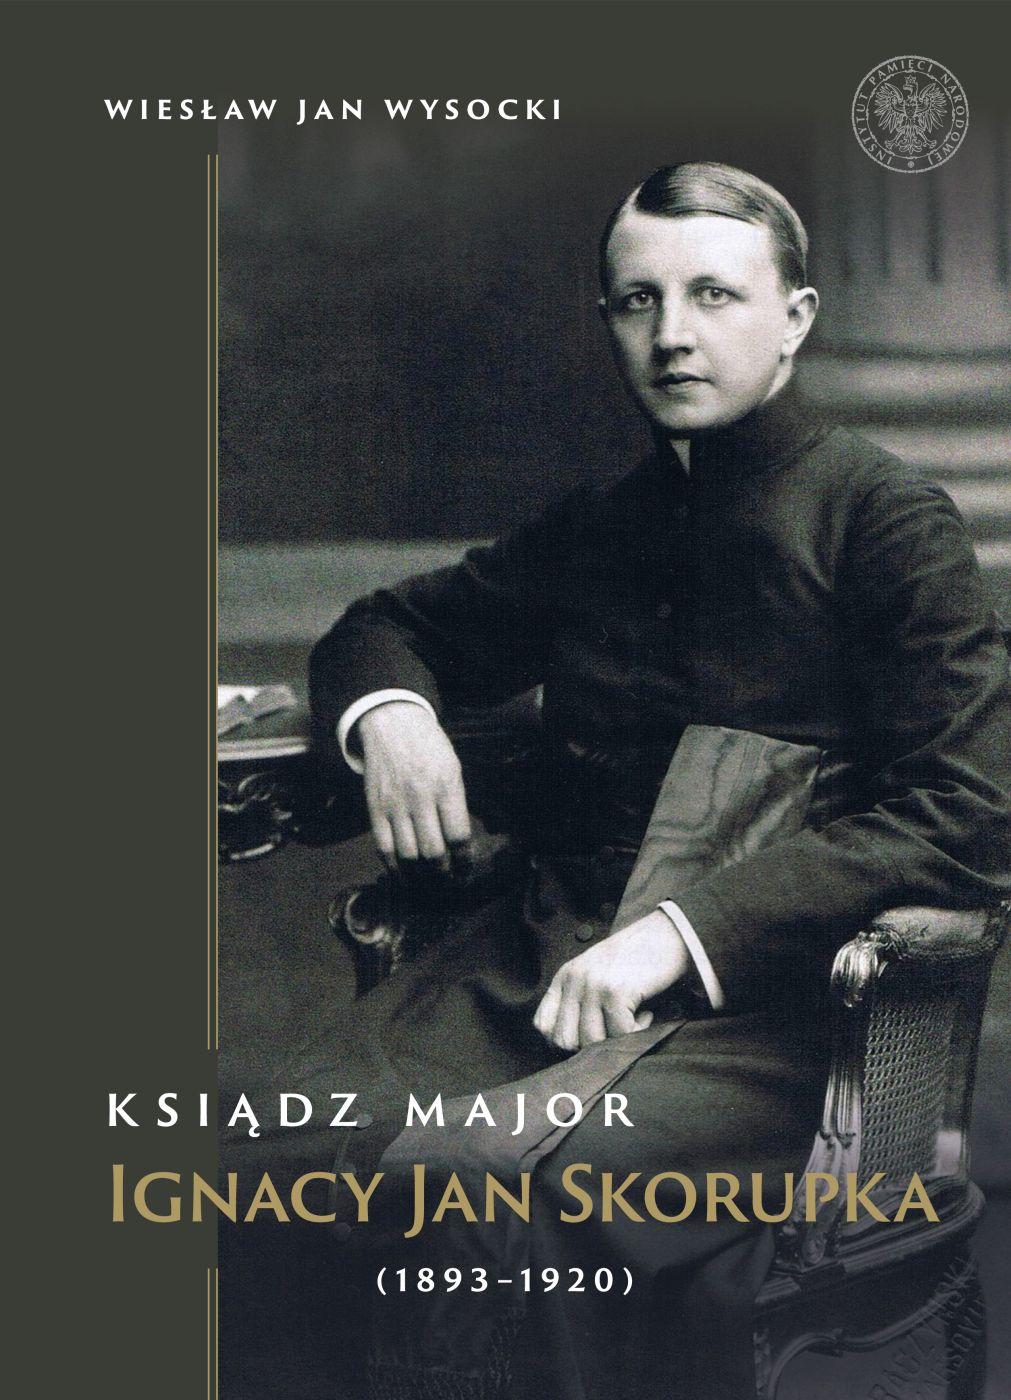 Ksiądz major Ignacy Jan Skorupka (1893-1920)(W.J.Wysocki)